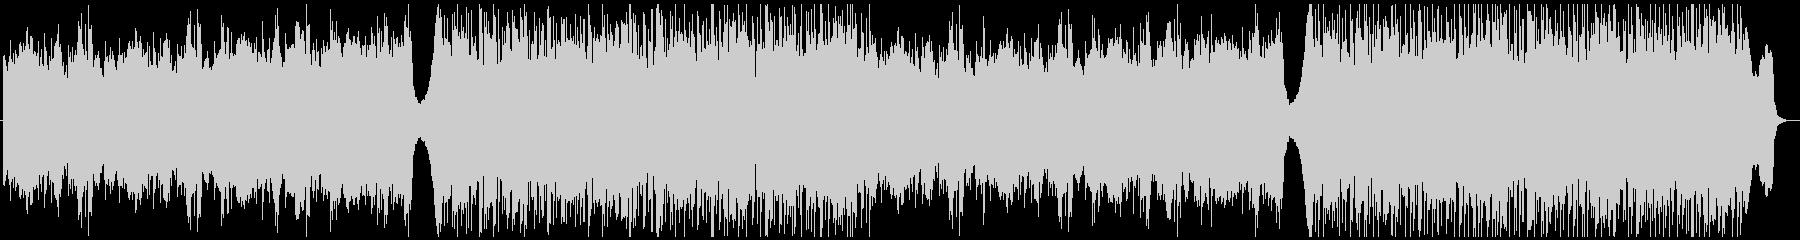 サスペンス・ホラー・ダーク エレクトロの未再生の波形